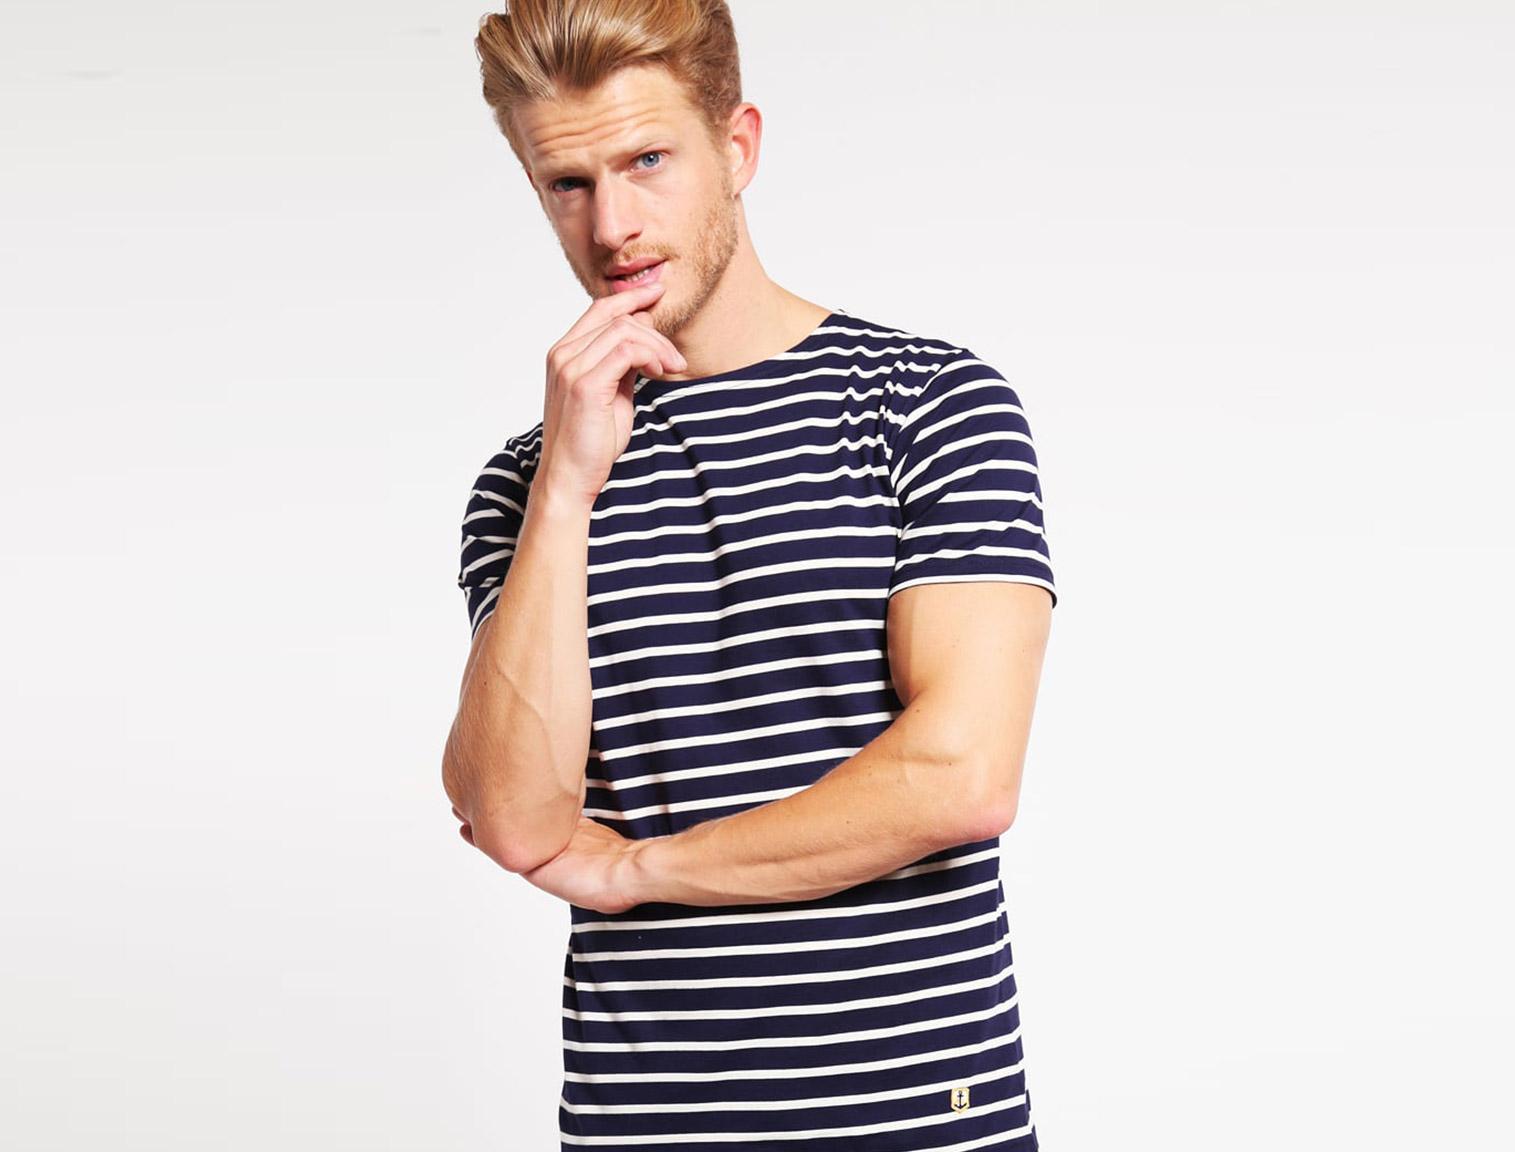 Hombre con camiseta marinera